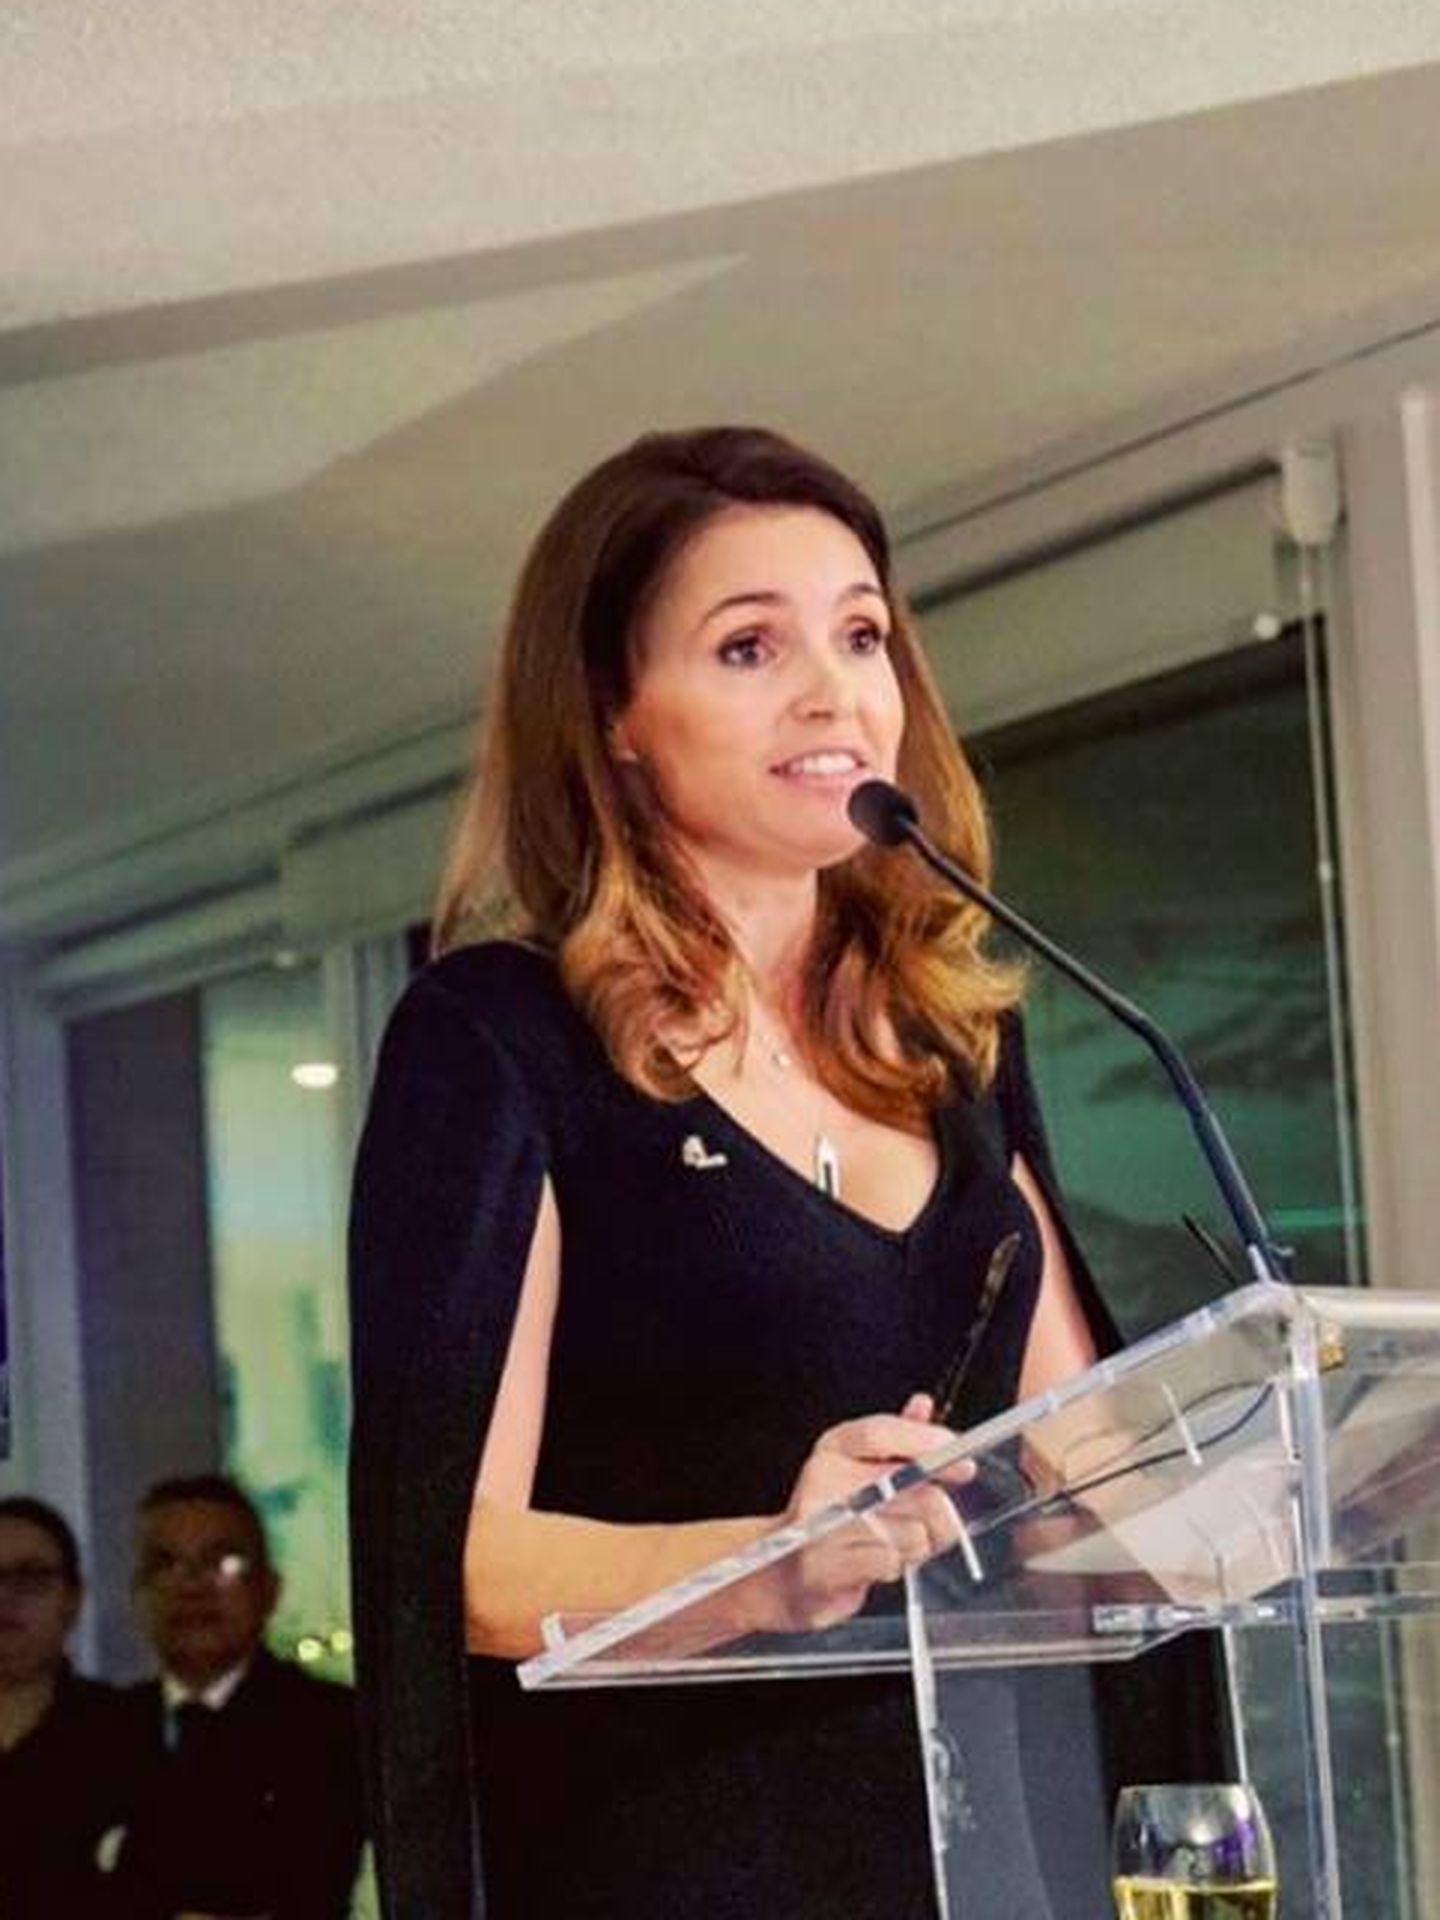 Susana García Cereceda, dando un discurso de Navidad a sus empleados.